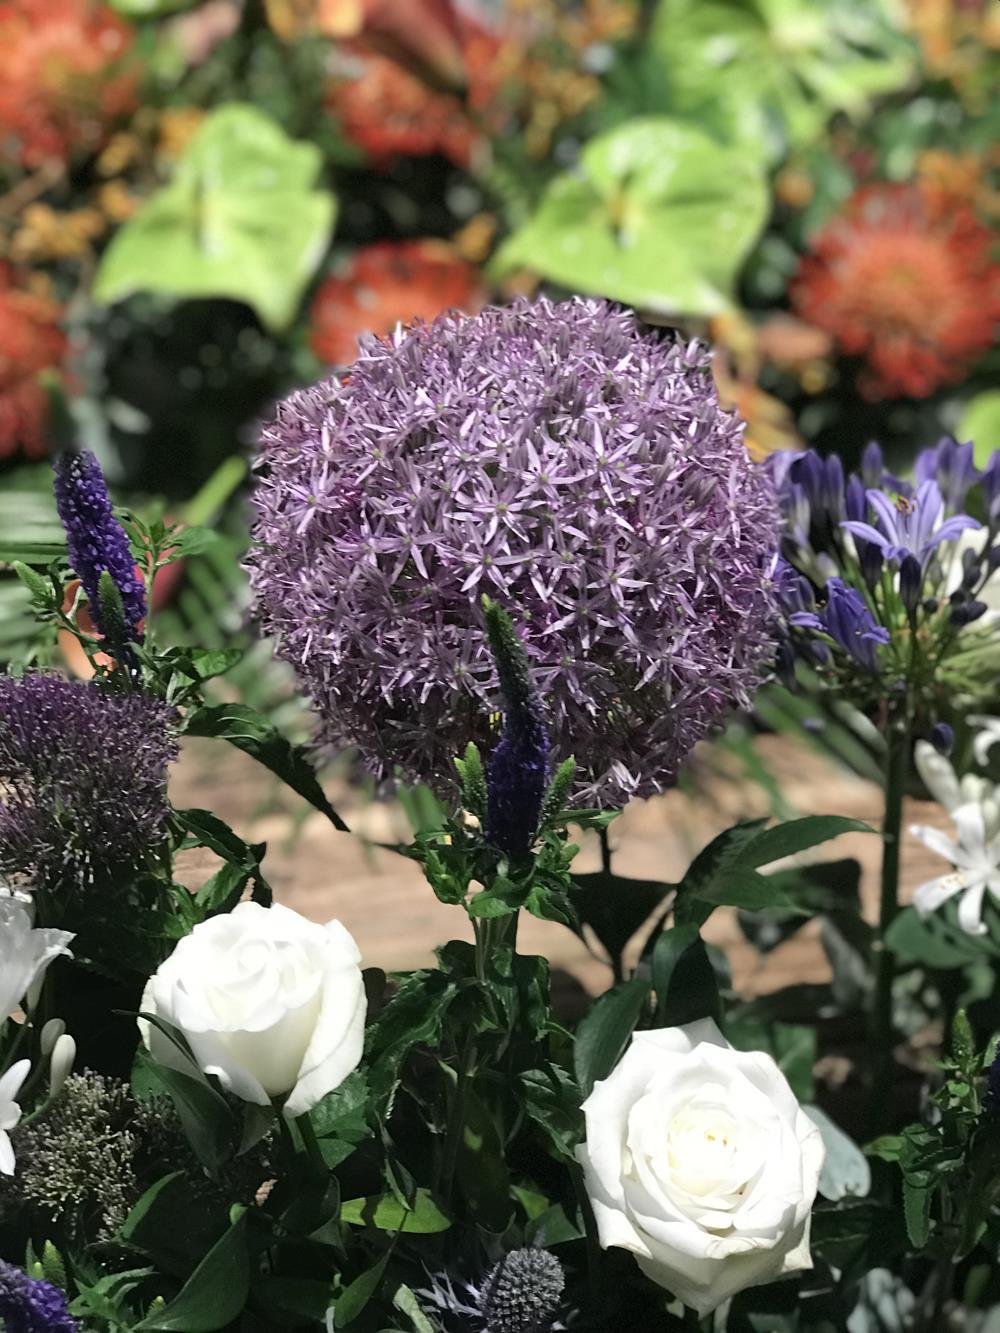 Allium bloom